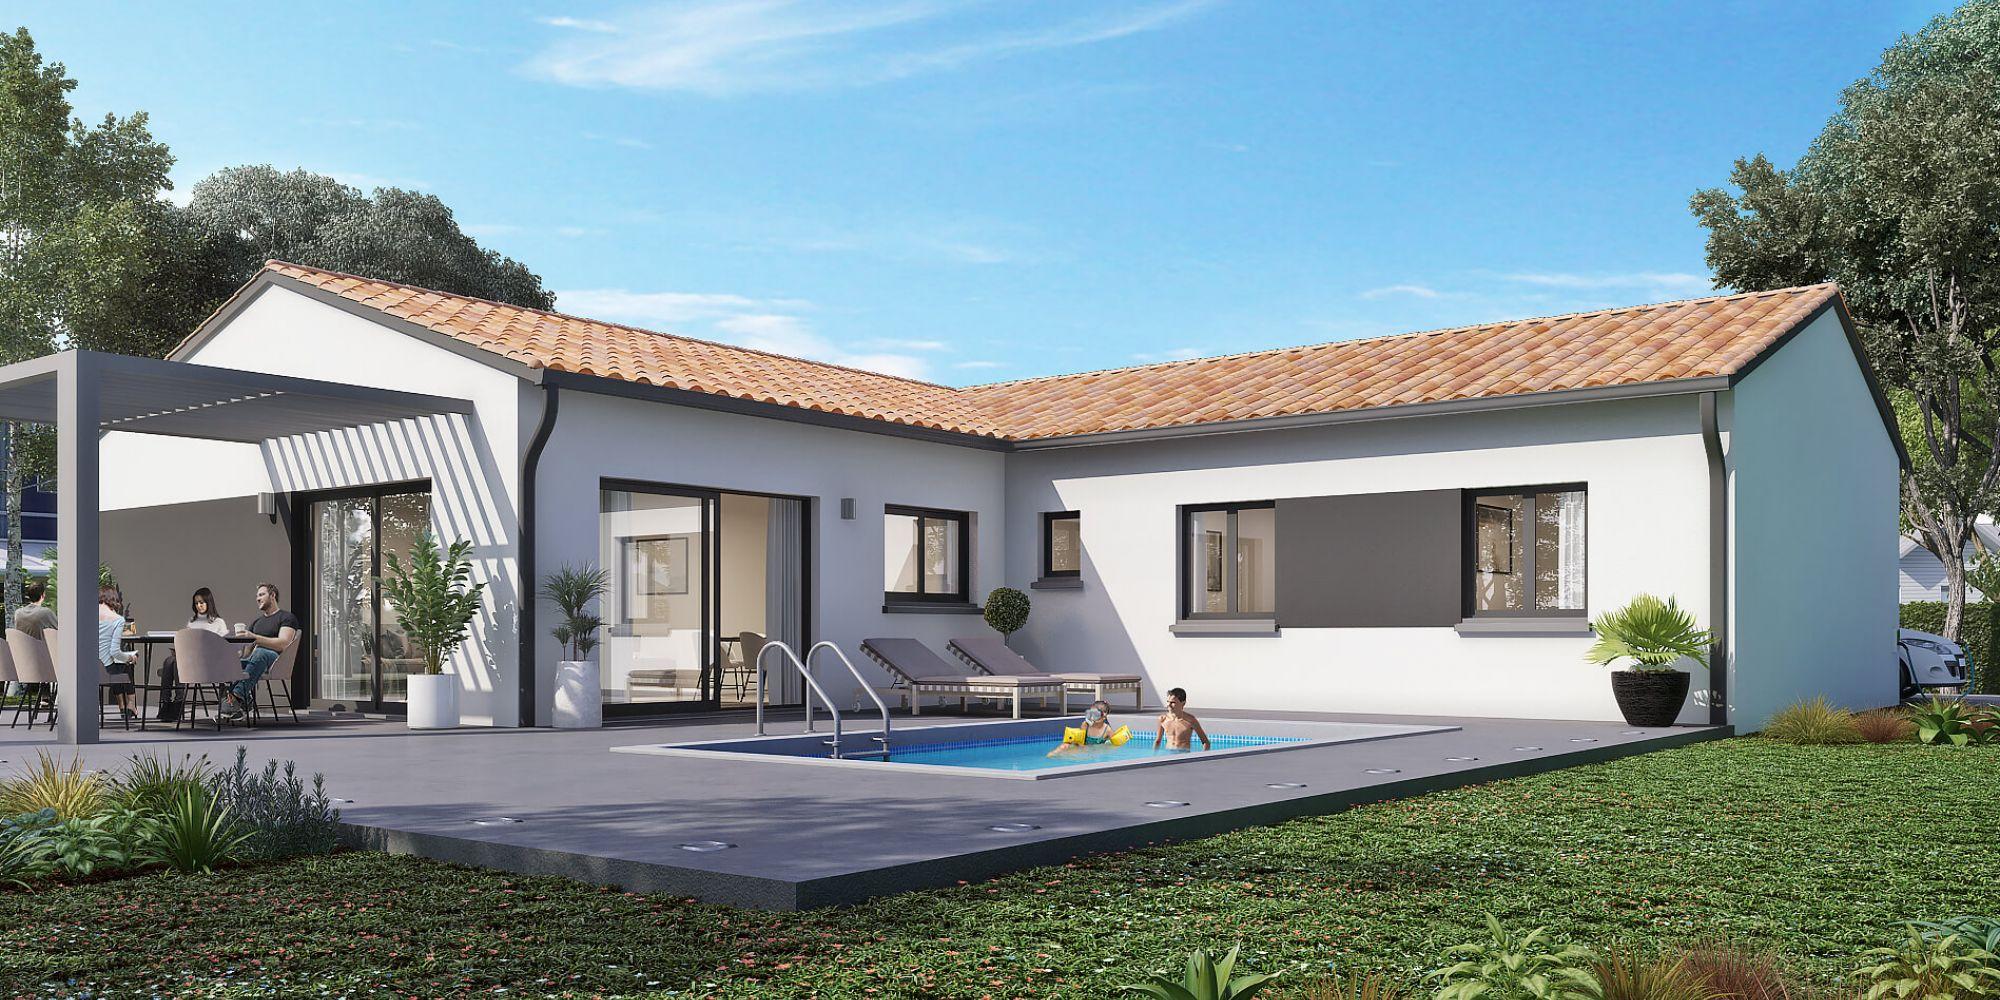 Constructeur De Maison Gers maisons olmière | constructeur de maisons individuelles en